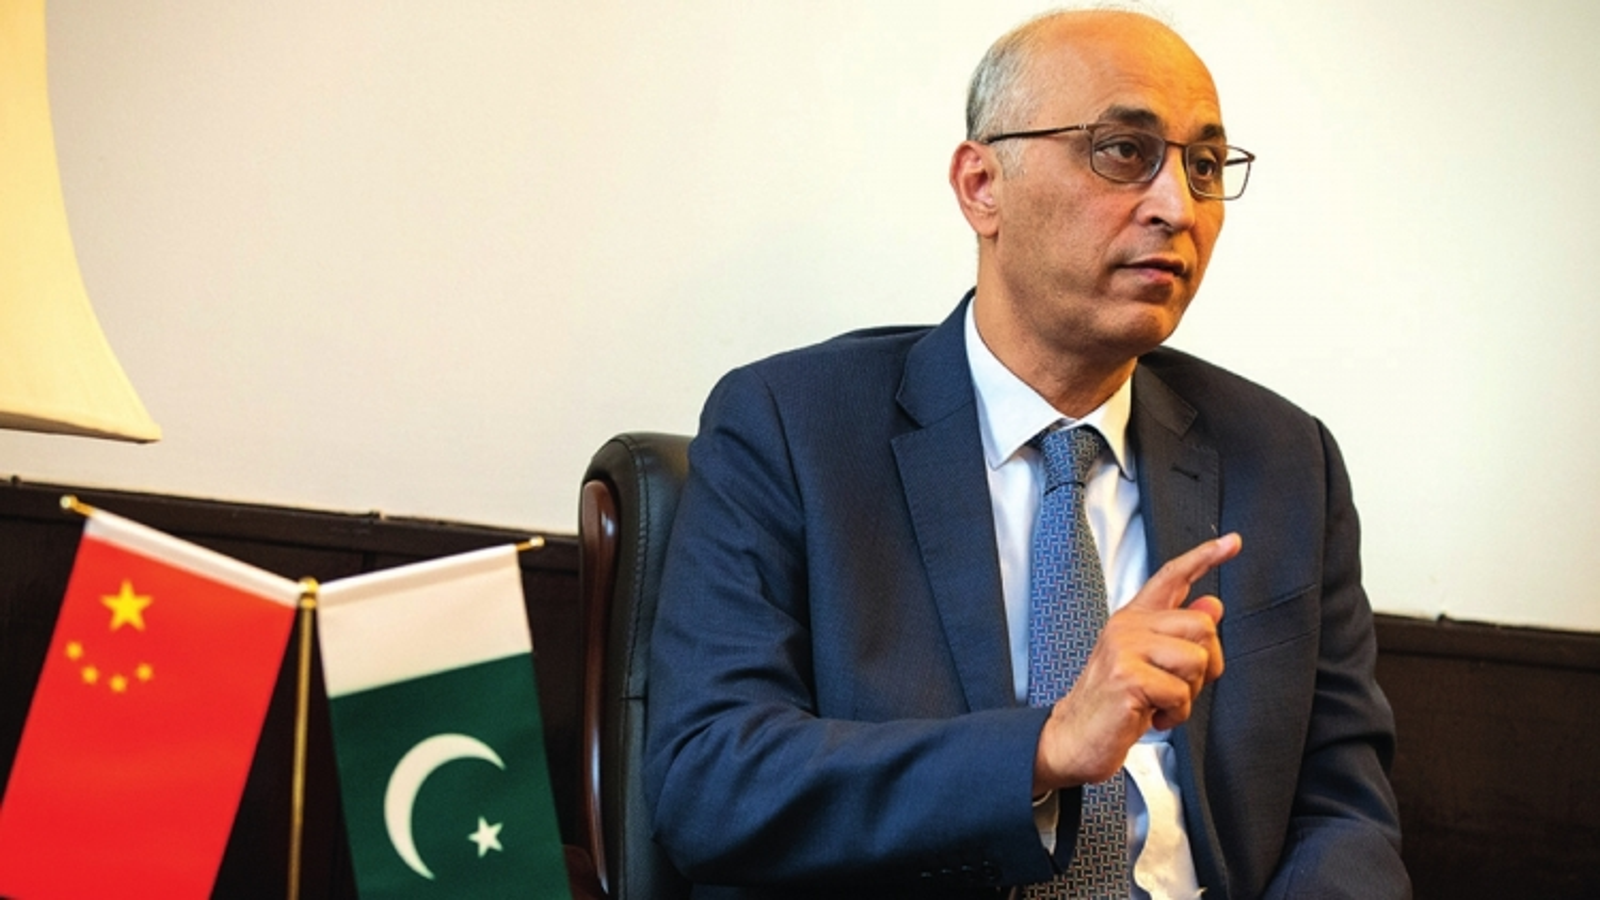 Pakistan chia sẻ thông tin tình báo, hợp tác chống khủng bố với Trung Quốc ở Afghanistan